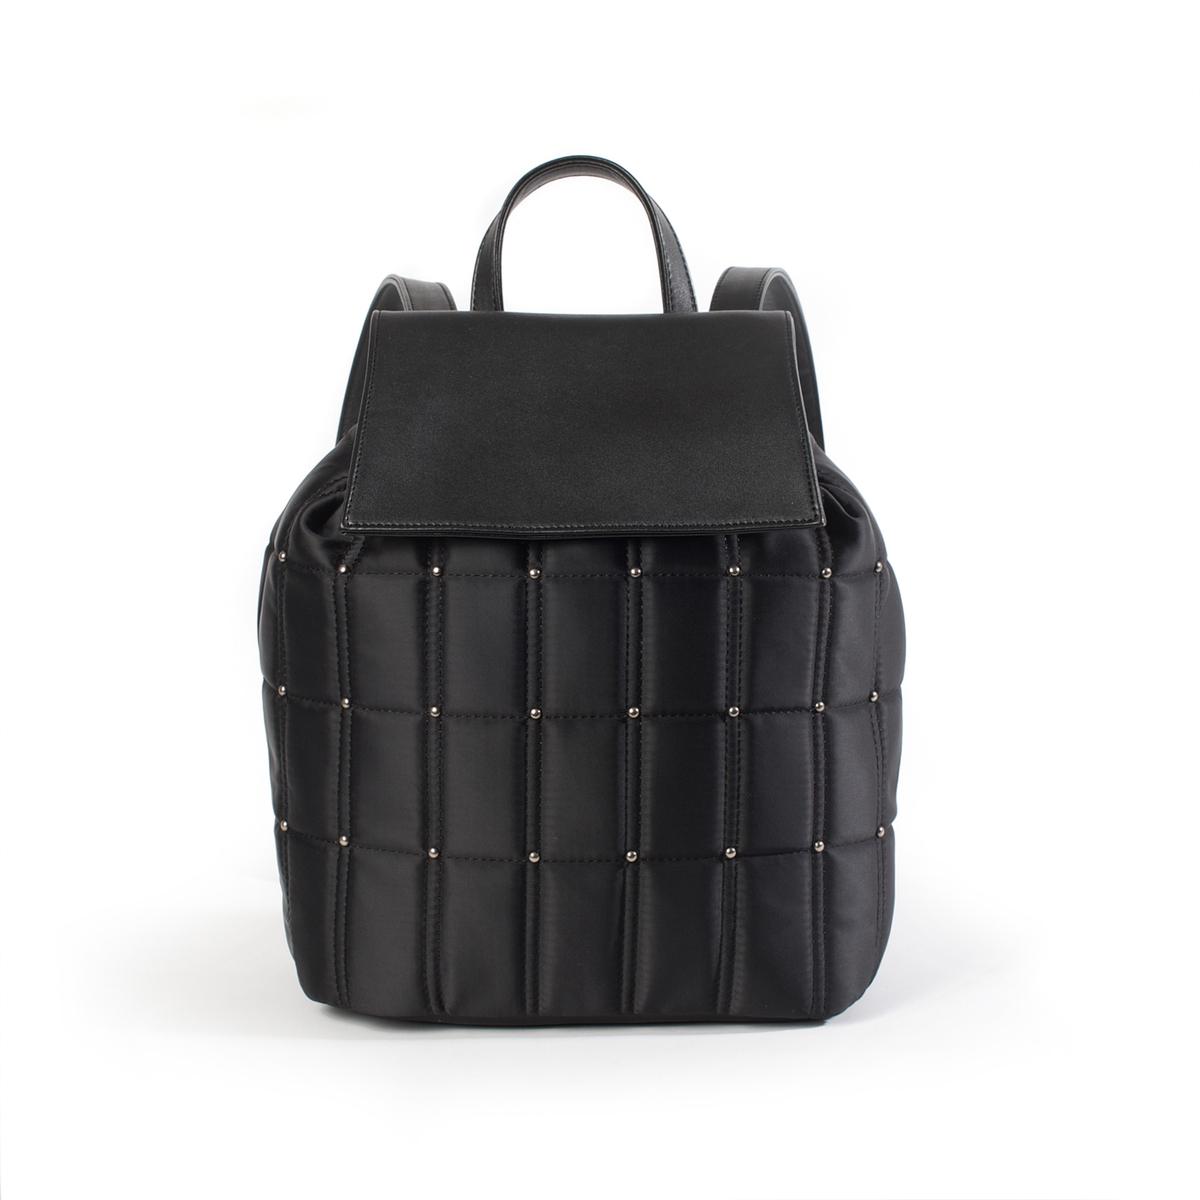 РюкзакОписание:Очень женственная сумка-рюкзак с простежкой и небольшими заклепками похожими на бусины в стиле рок ! Состав и описание :  •      Материал : верх из синтетики                           подкладка из текстиля •   Марка :      R ?dition •   Размеры : 25 х  32 x 16 см •   Застежка : кнопка на магните2 кармана для мобильных1 карман на молнииРегулируемые бретели<br><br>Цвет: черный<br>Размер: единый размер